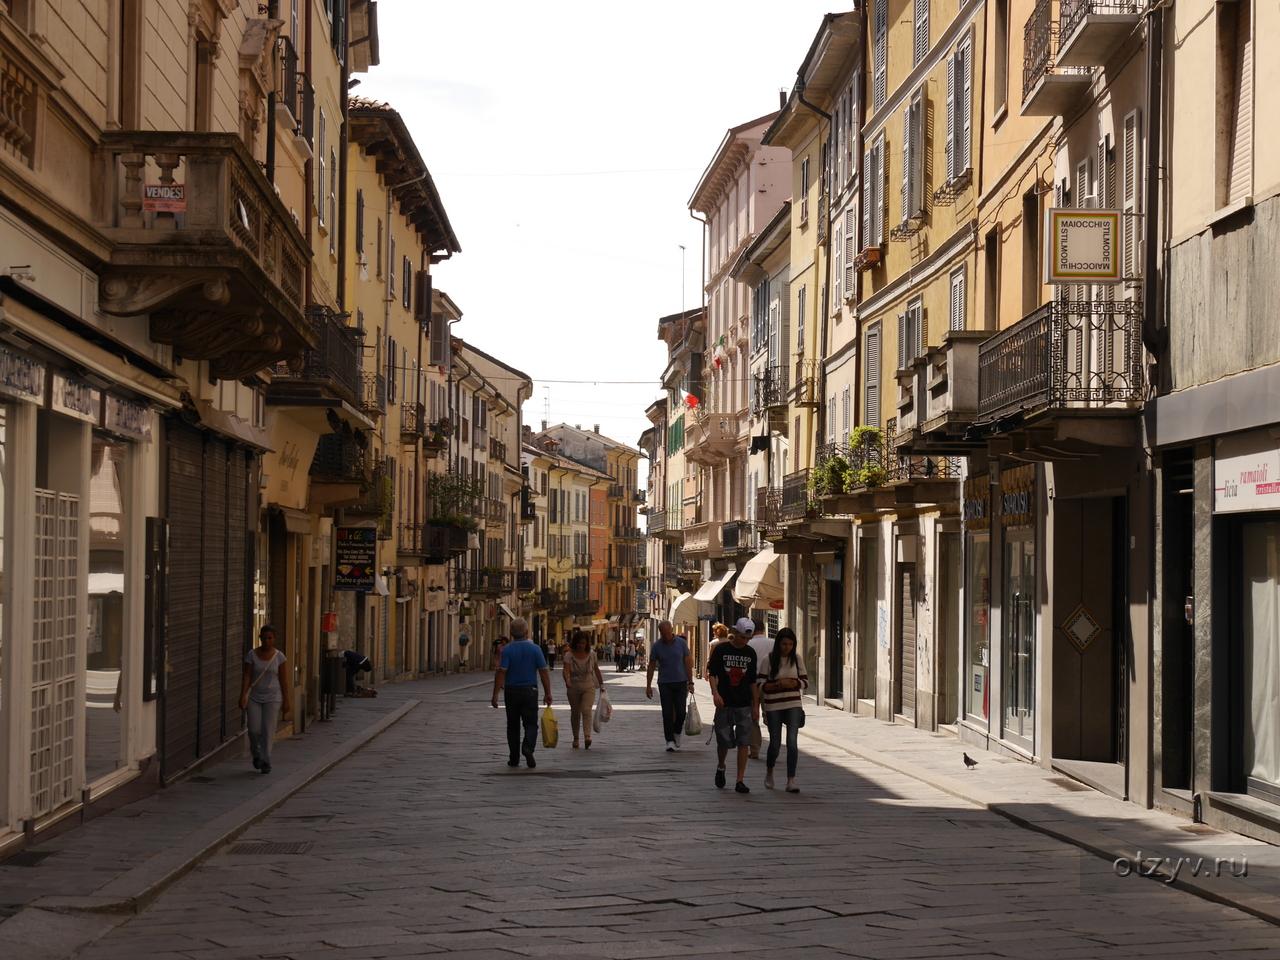 фото павия черановп город страна италия